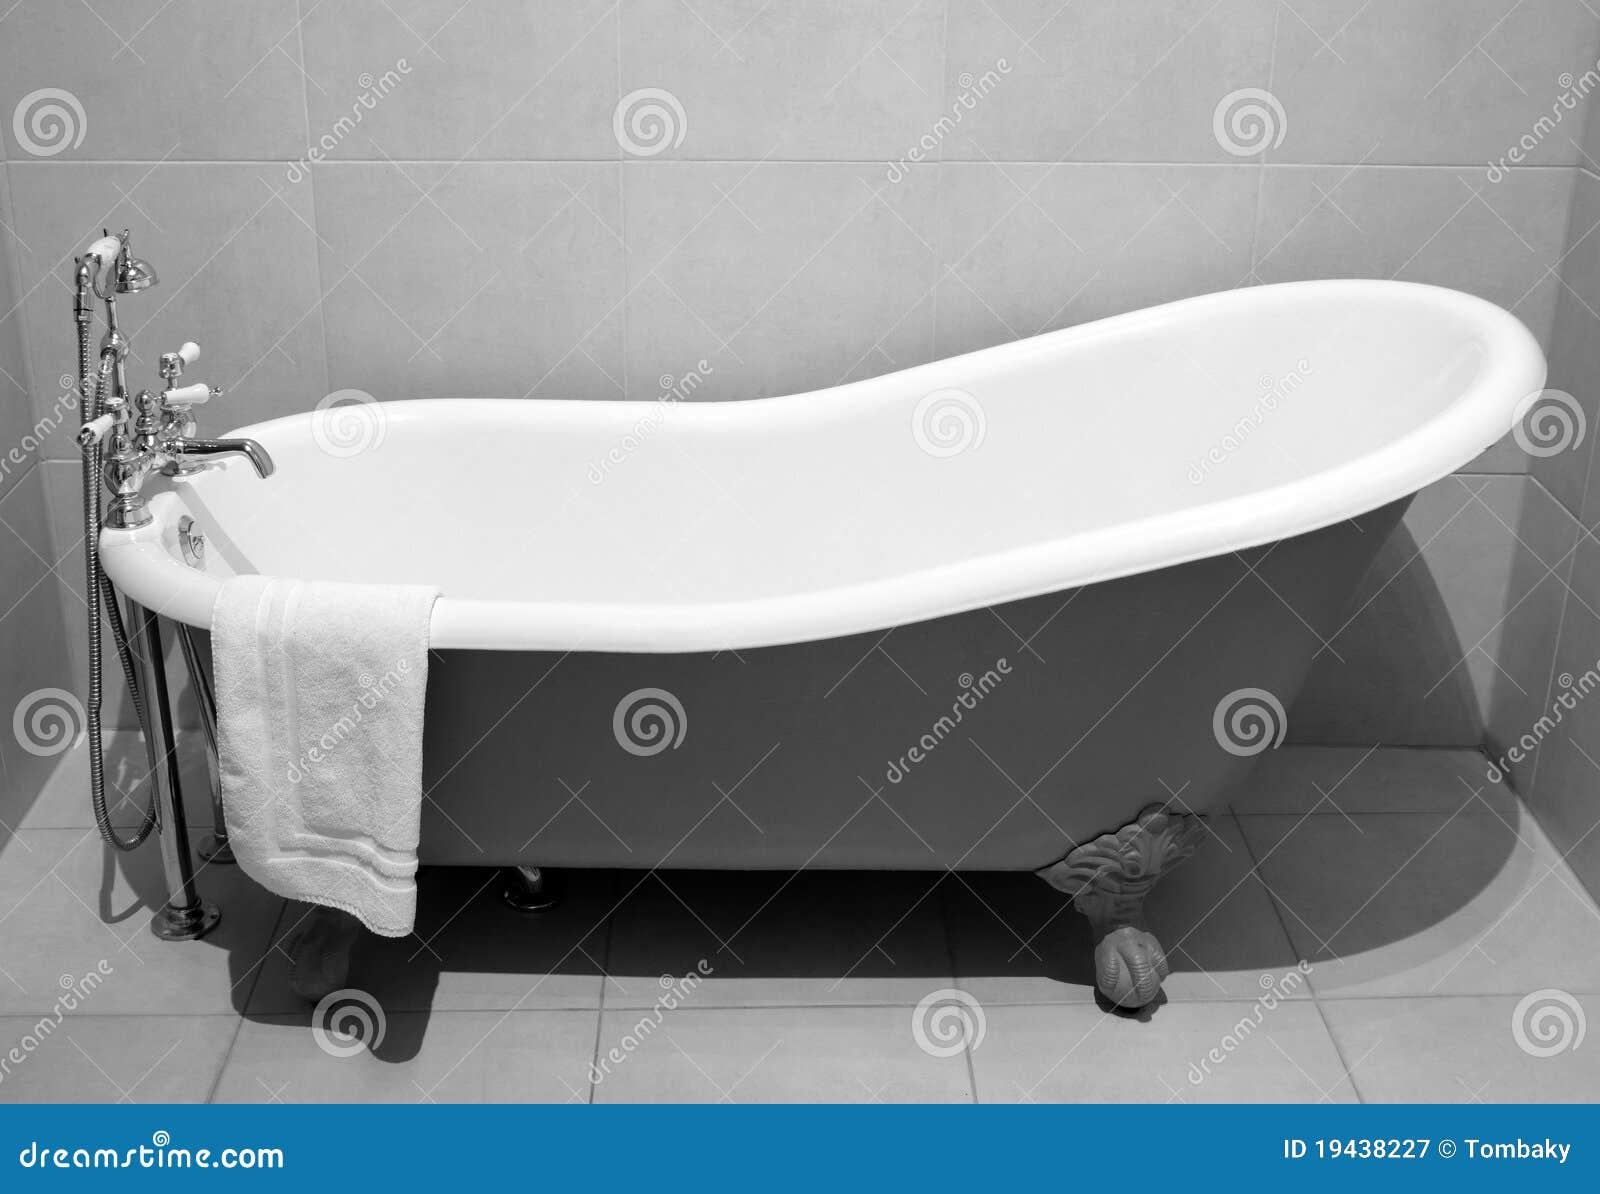 vasca con piedini : ... da Diritti: Vasca di bagno di vecchio stile con i piedini del metallo